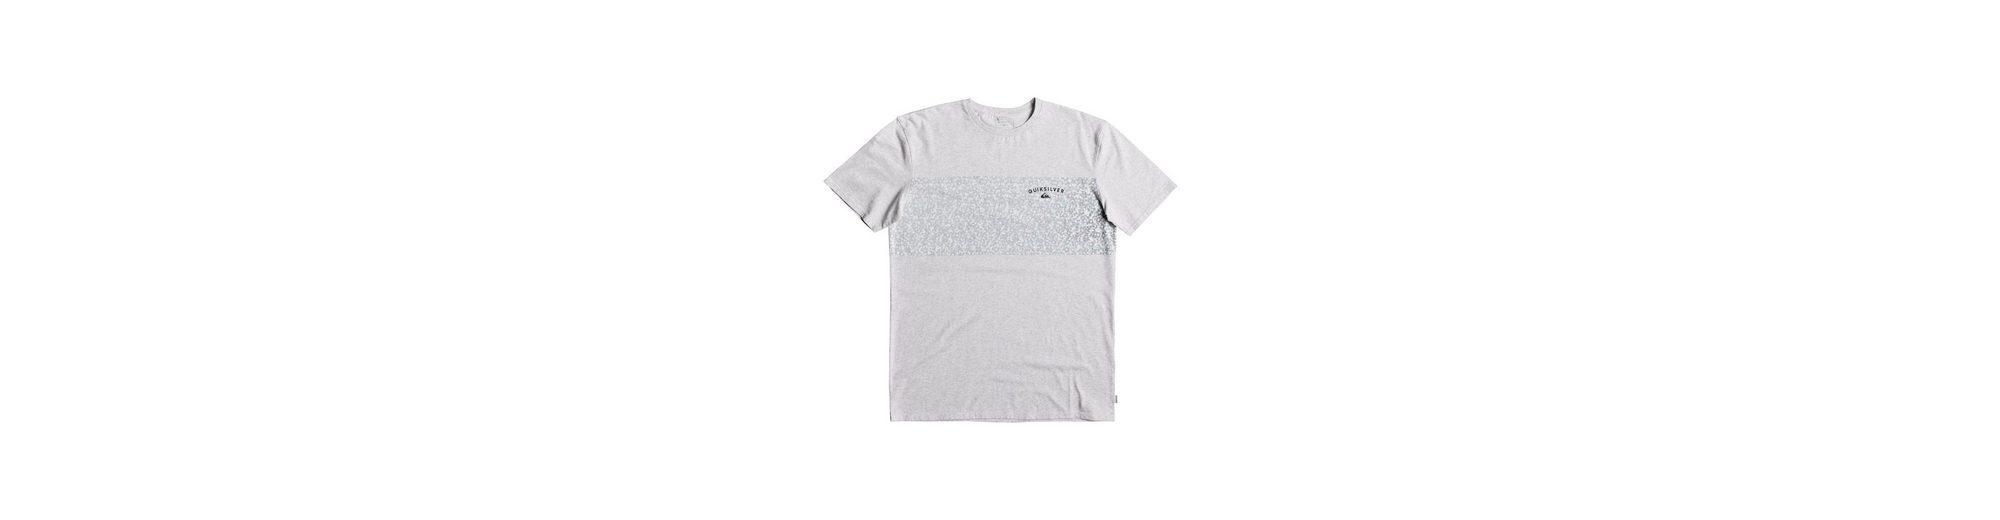 Quiksilver T-Shirt Cactus Falls Auslasszwischenraum Store Heiß Günstiger Preis Gibt Verschiffen Frei 9sOM7